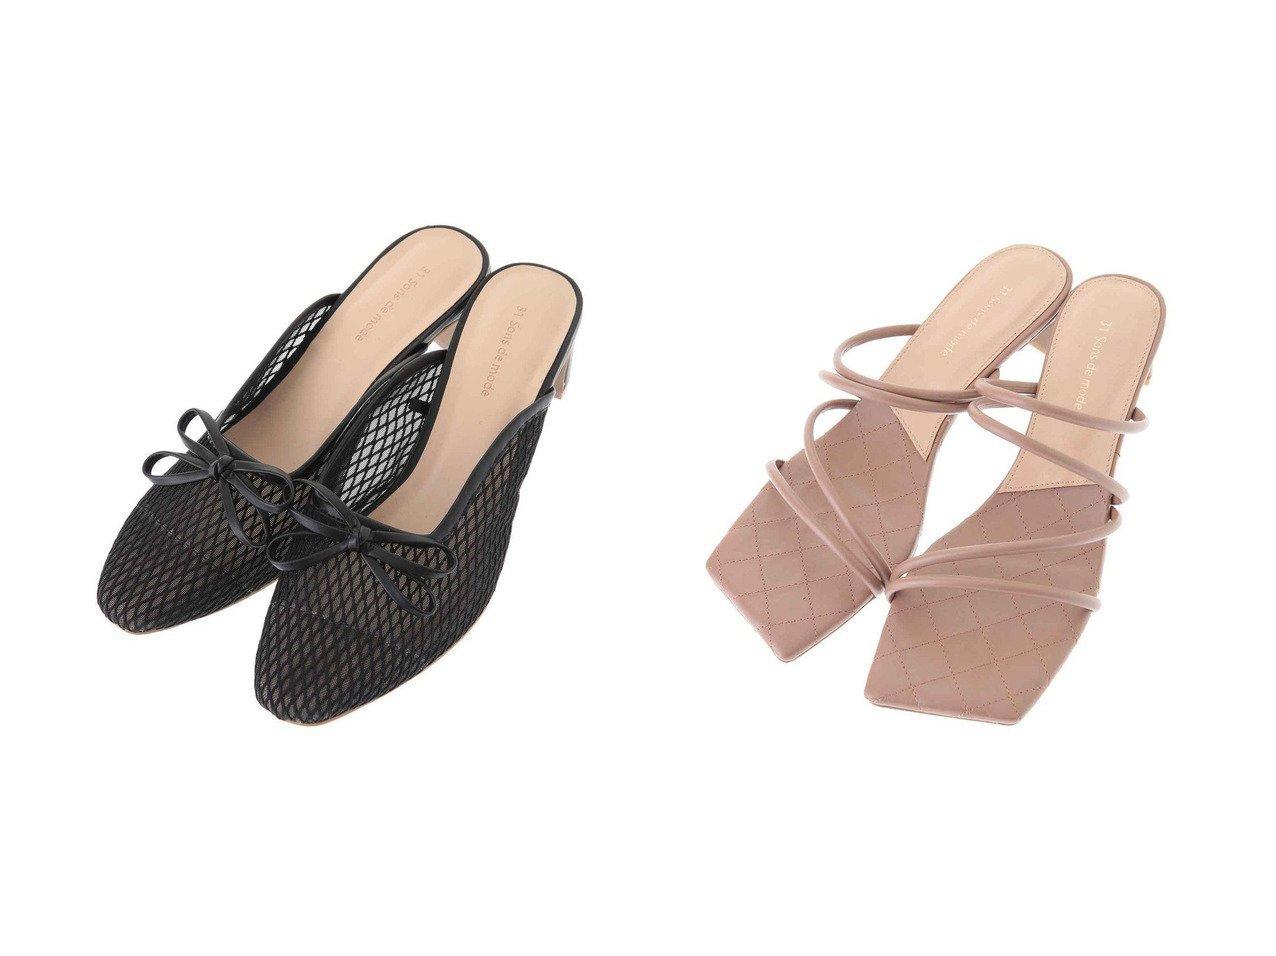 【31 Sons de mode/トランテアン ソン ドゥ モード】のキルティングステッチスクエアサンダル&メッシュリボンサンダル 【シューズ・靴】おすすめ!人気、トレンド・レディースファッションの通販 おすすめで人気の流行・トレンド、ファッションの通販商品 メンズファッション・キッズファッション・インテリア・家具・レディースファッション・服の通販 founy(ファニー) https://founy.com/ ファッション Fashion レディースファッション WOMEN キルティング サマー サンダル トレンド ネイル ラップ |ID:crp329100000030200